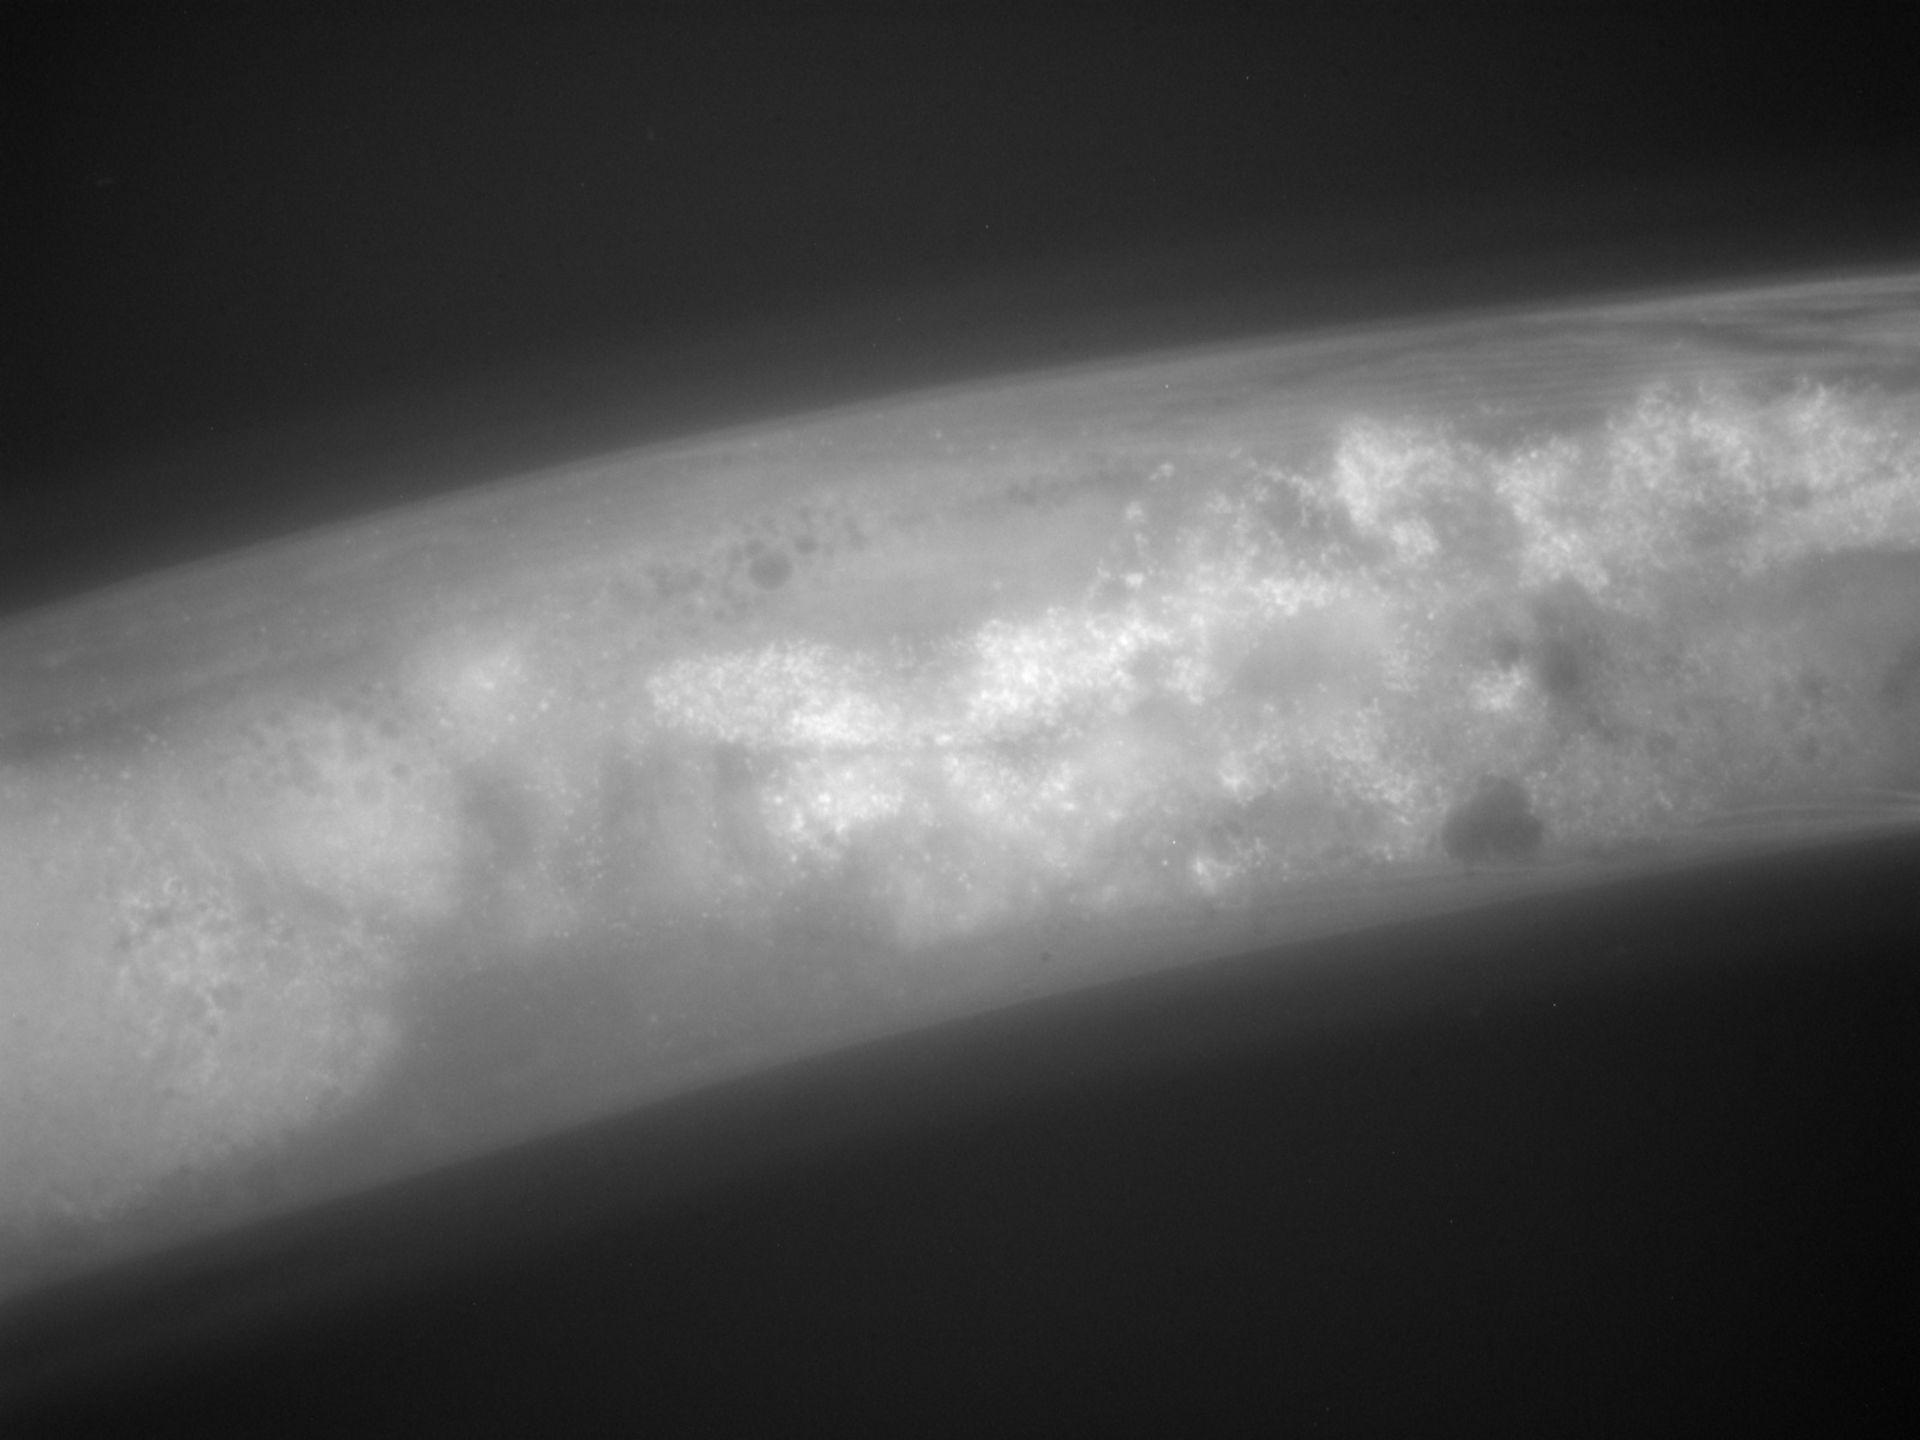 Caenorhabditis elegans (Actin filament) - CIL:1299